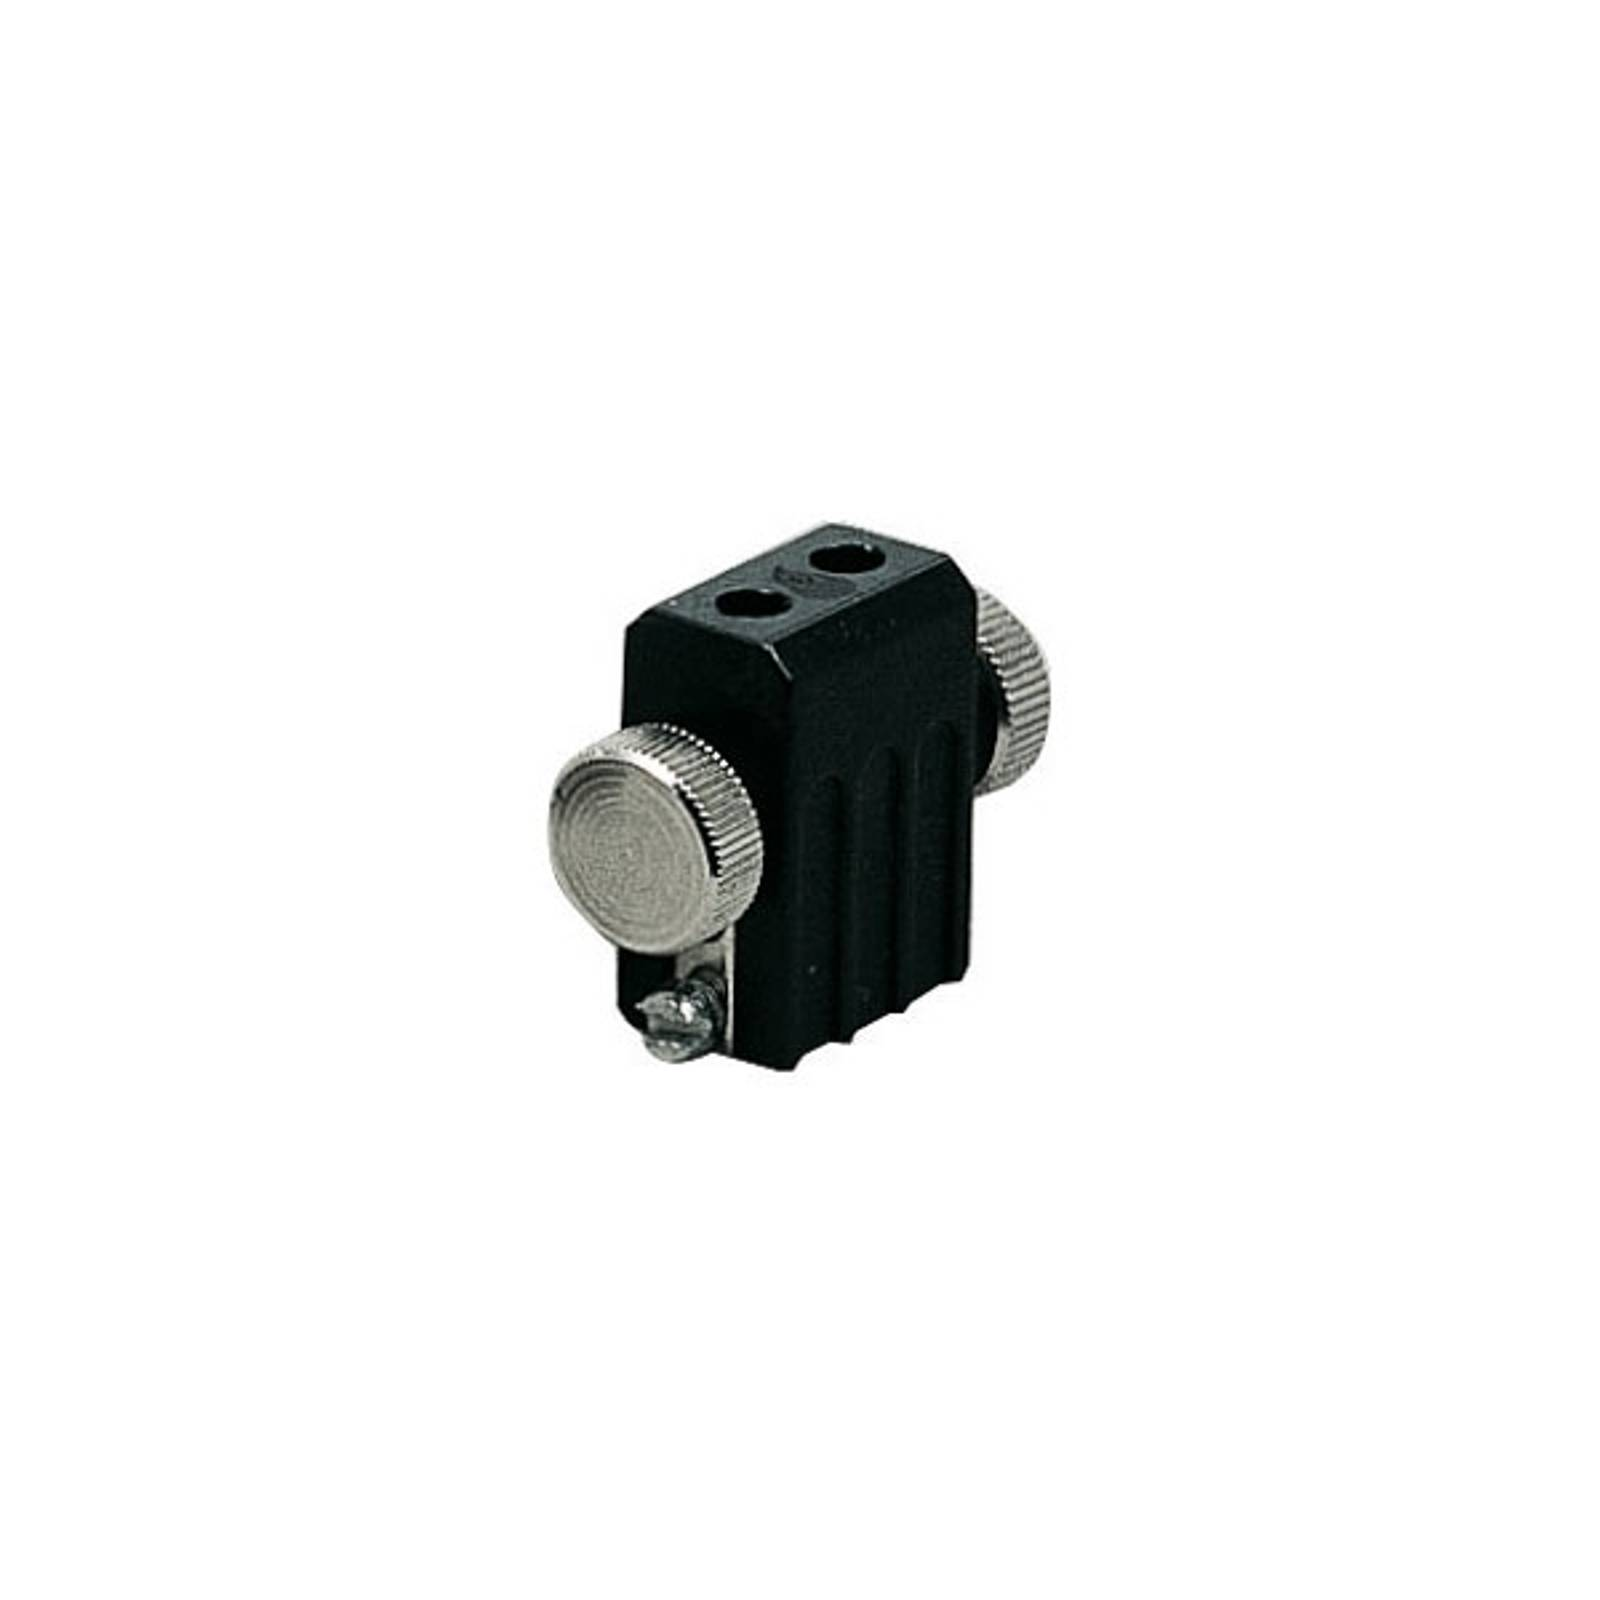 Light&Easy-kaapelijärjestelmän lampunpidin G4